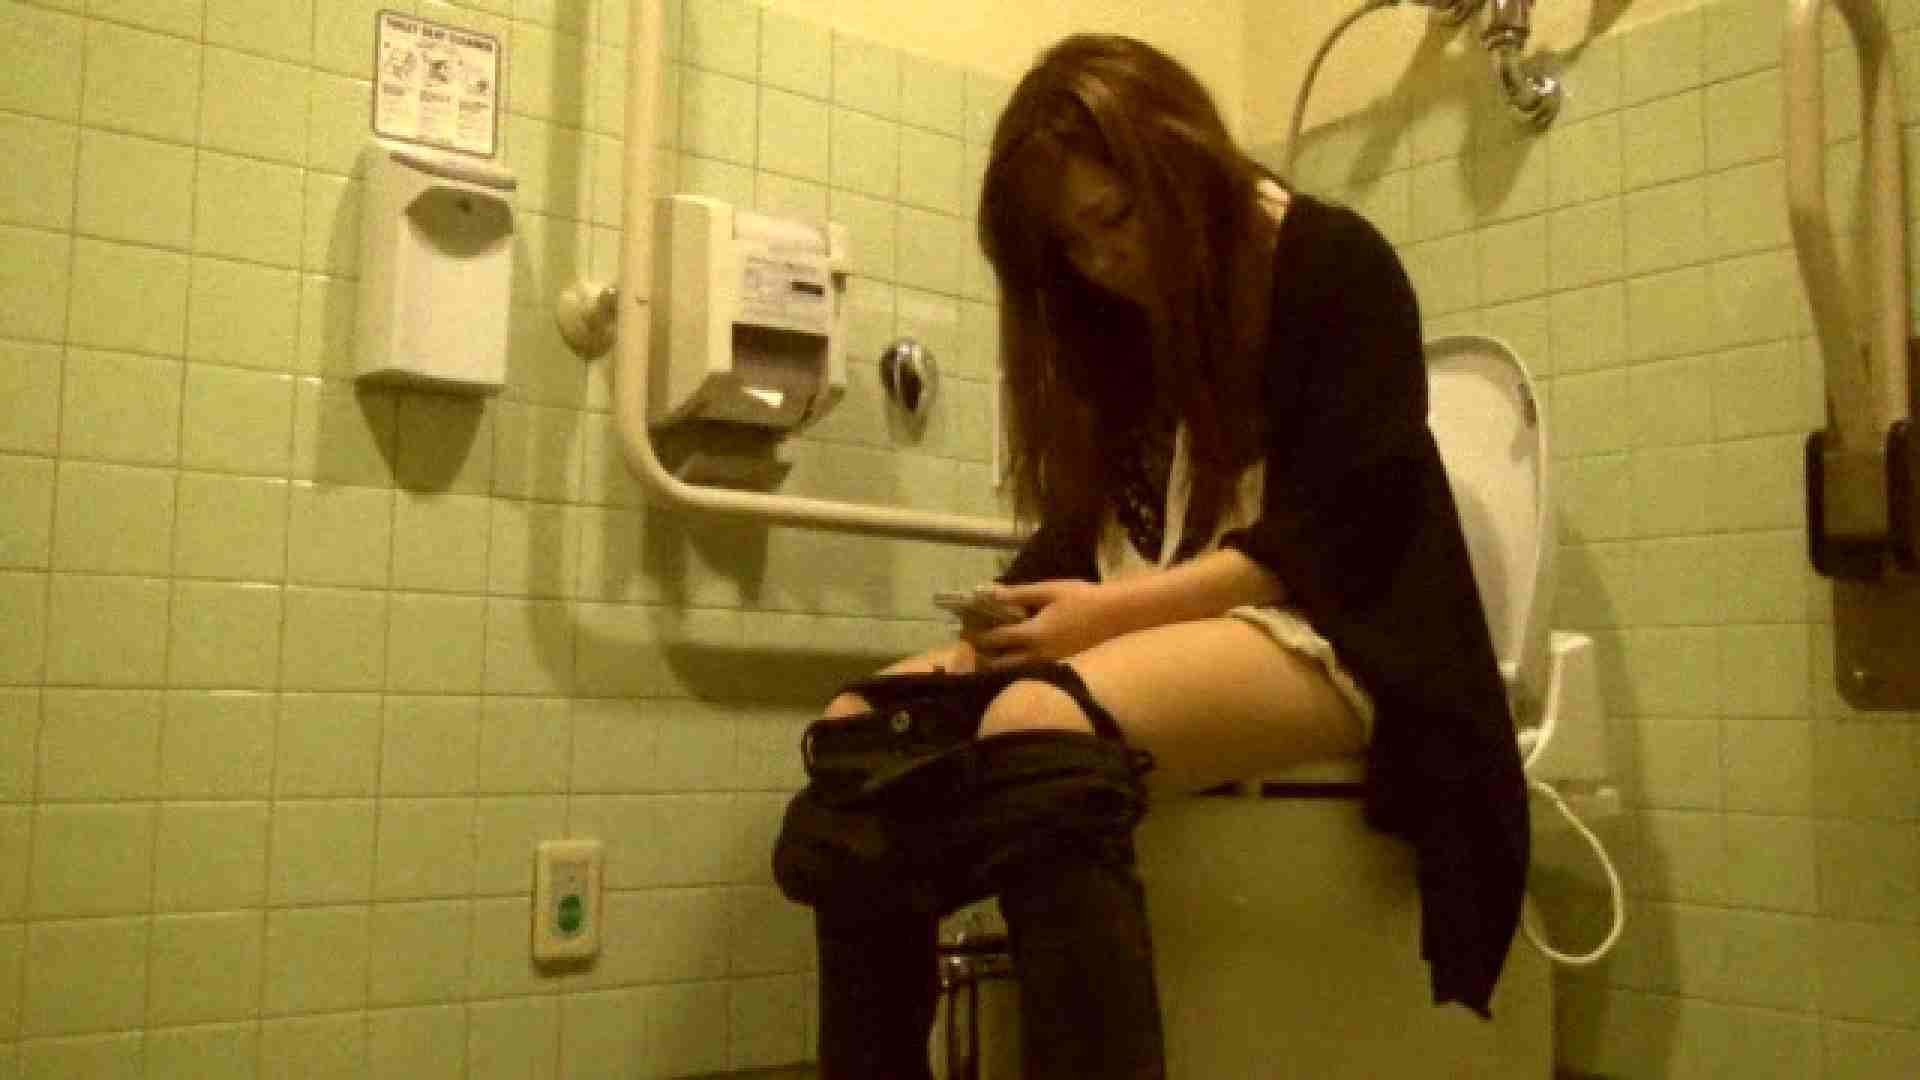 魔術師の お・も・て・な・し vol.26 19歳のバーの店員さんの洗面所をしばし… 洗面所 隠し撮りおまんこ動画流出 90pic 44